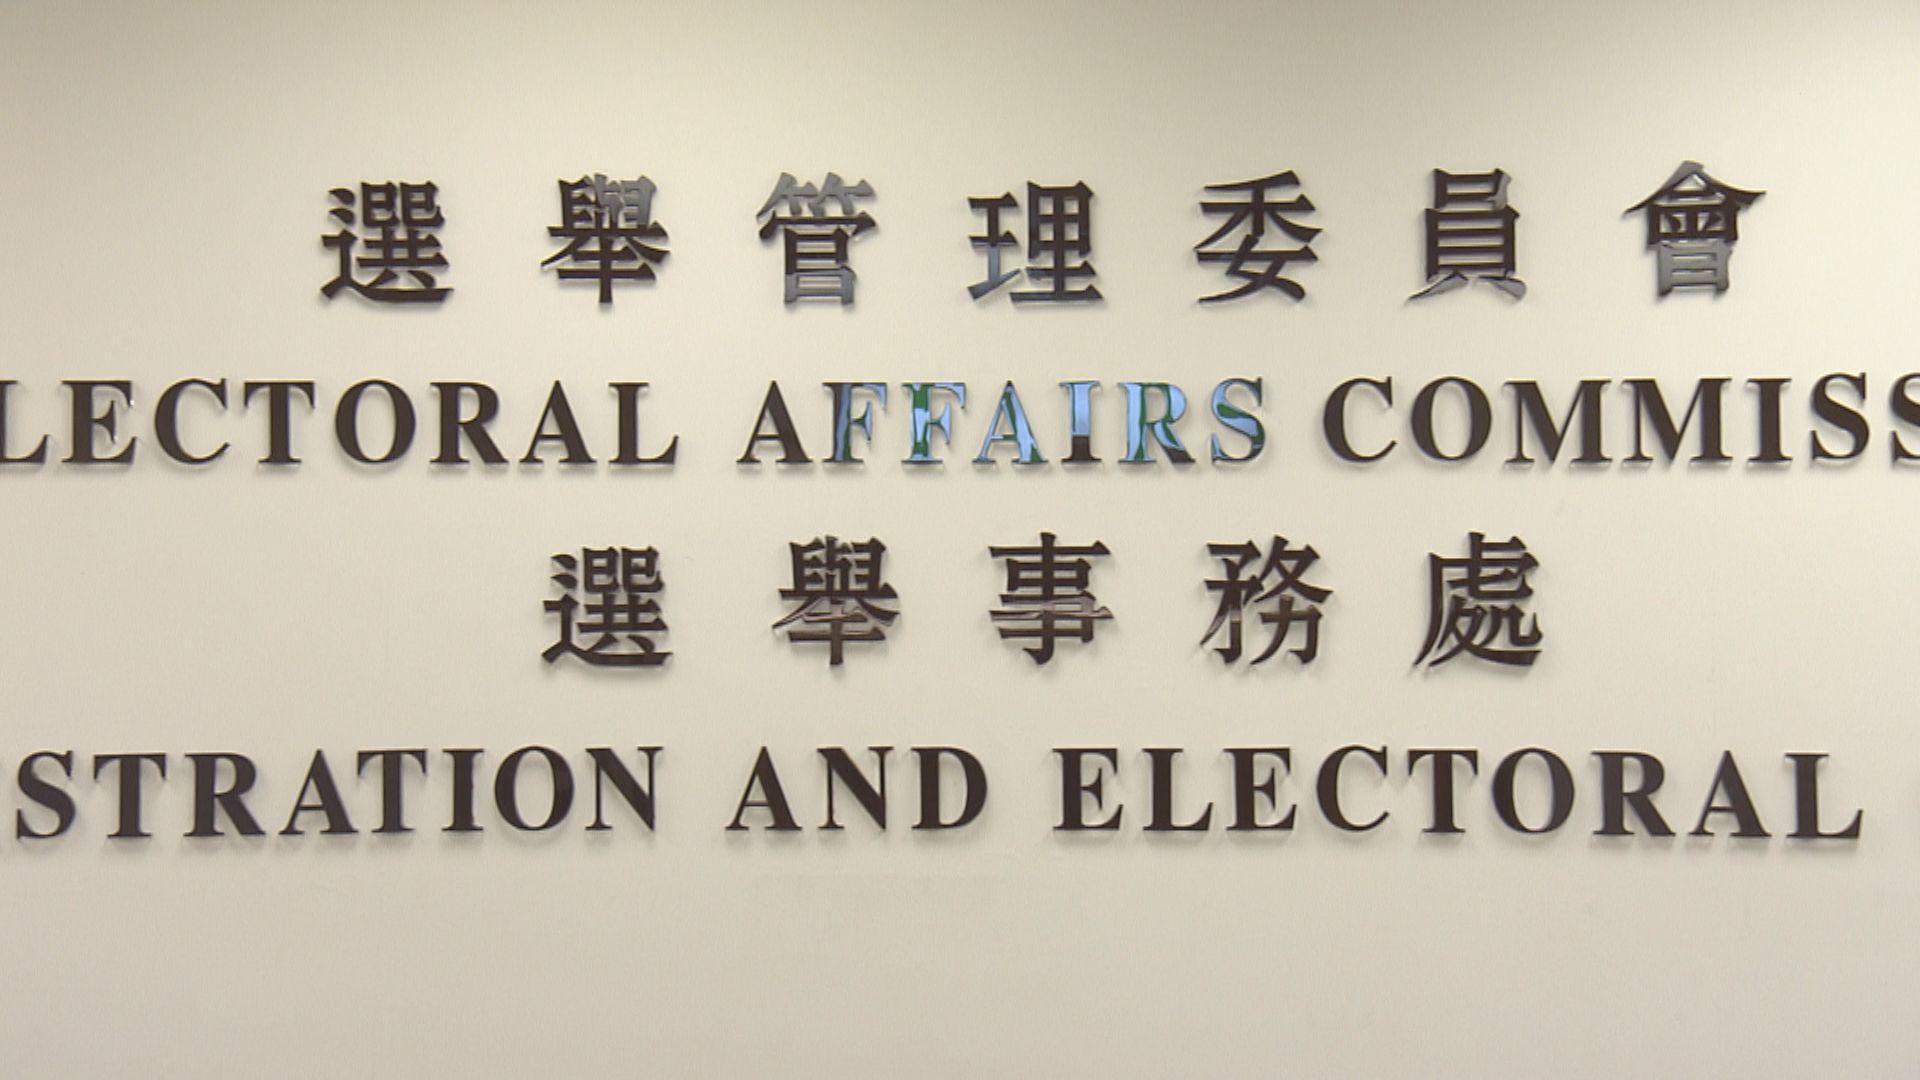 區選提名期結束 多人仍未確認參選資格